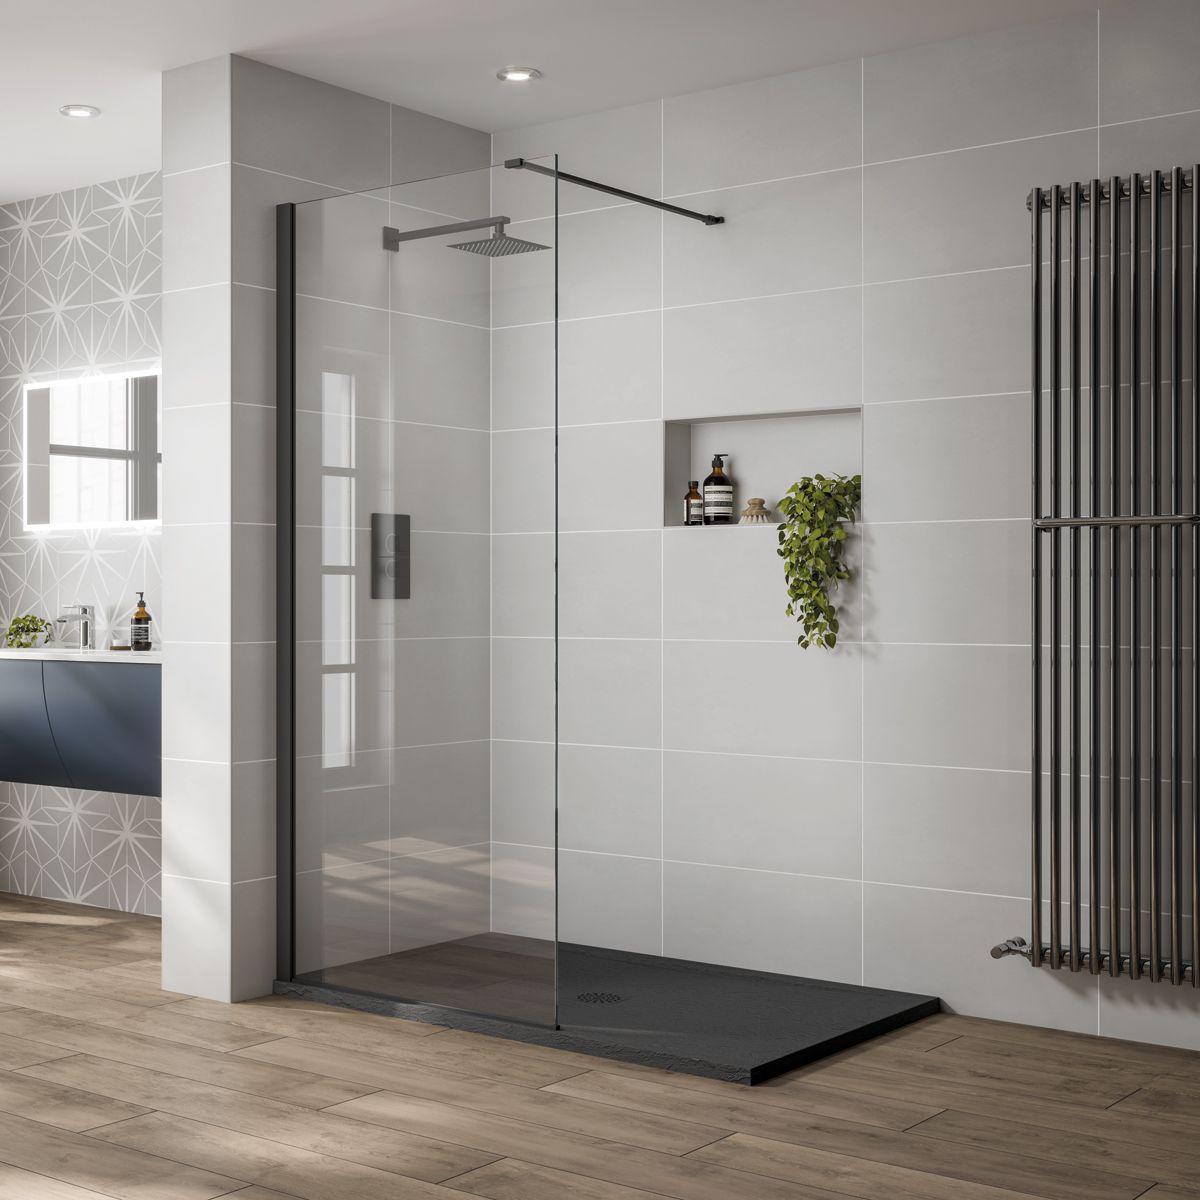 April Prestige Black Wet Room Shower Enclosure